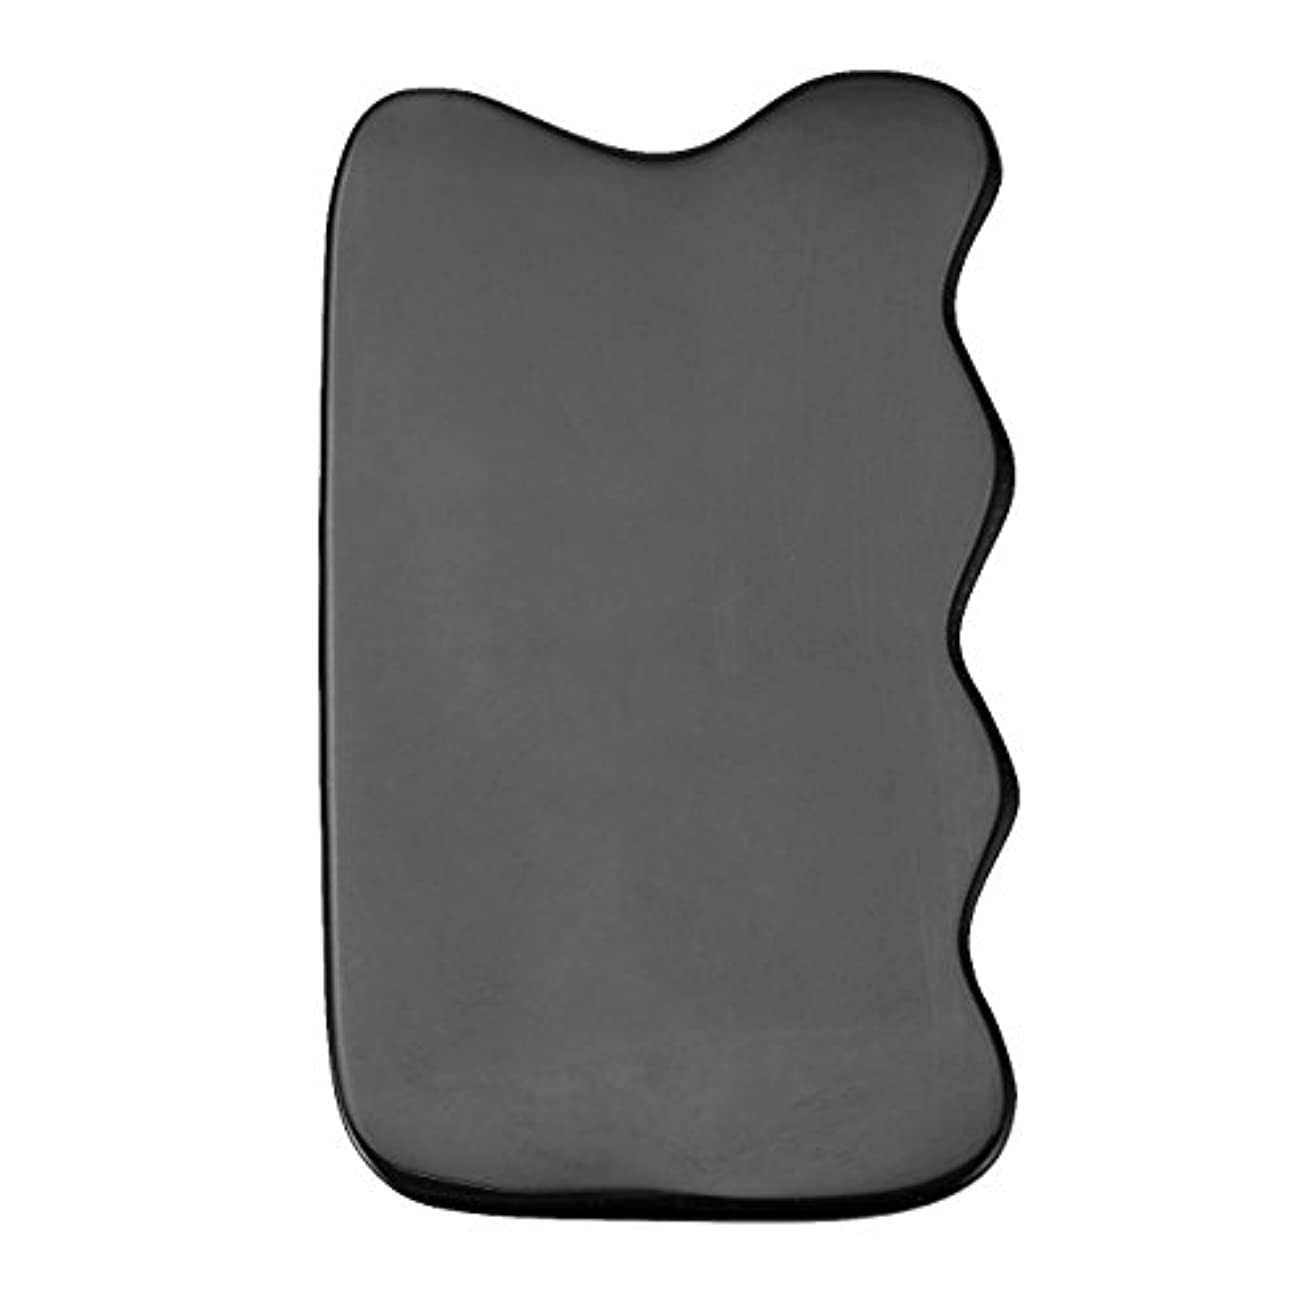 所有者スイッチ悲しみJovivi Mak カッサリフトプレート ブラック 牛角 パワーストーン カッサ板 美顔 カッサボード カッサマッサージ道具 ギフトバッグを提供 (波状)